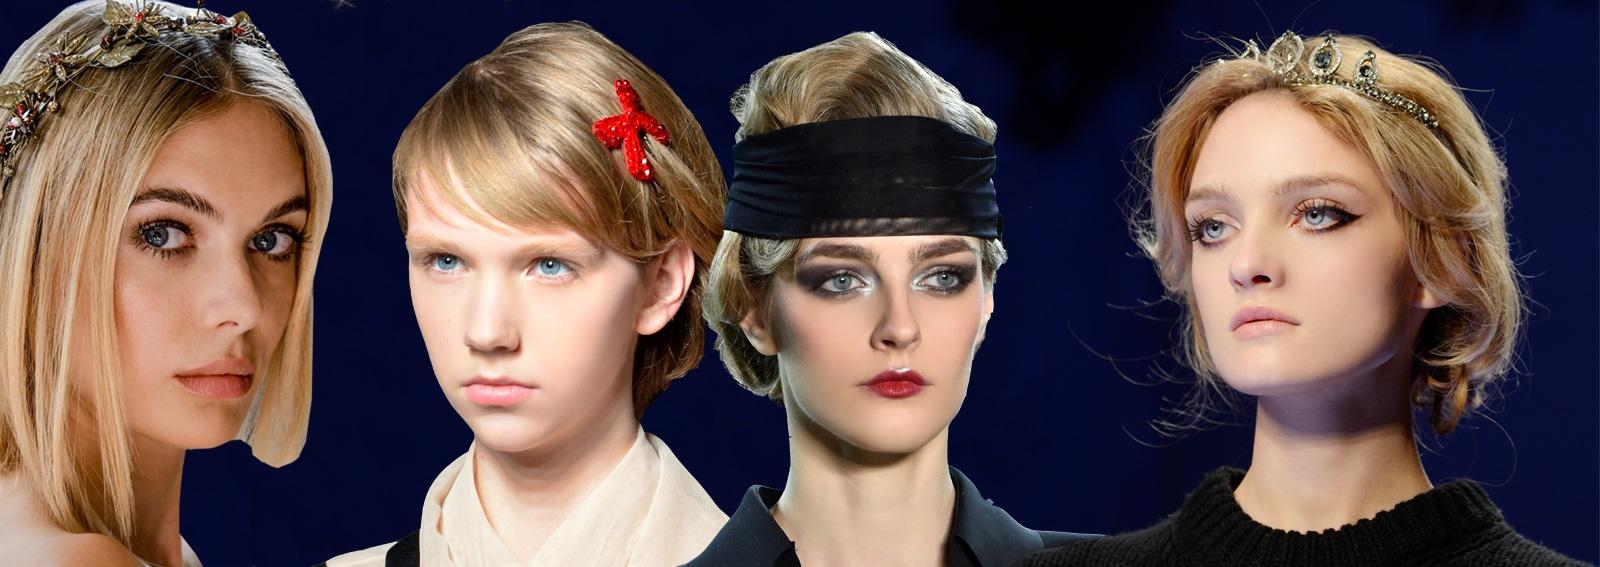 Accessori per capelli: tutti i must have per l'Autunno